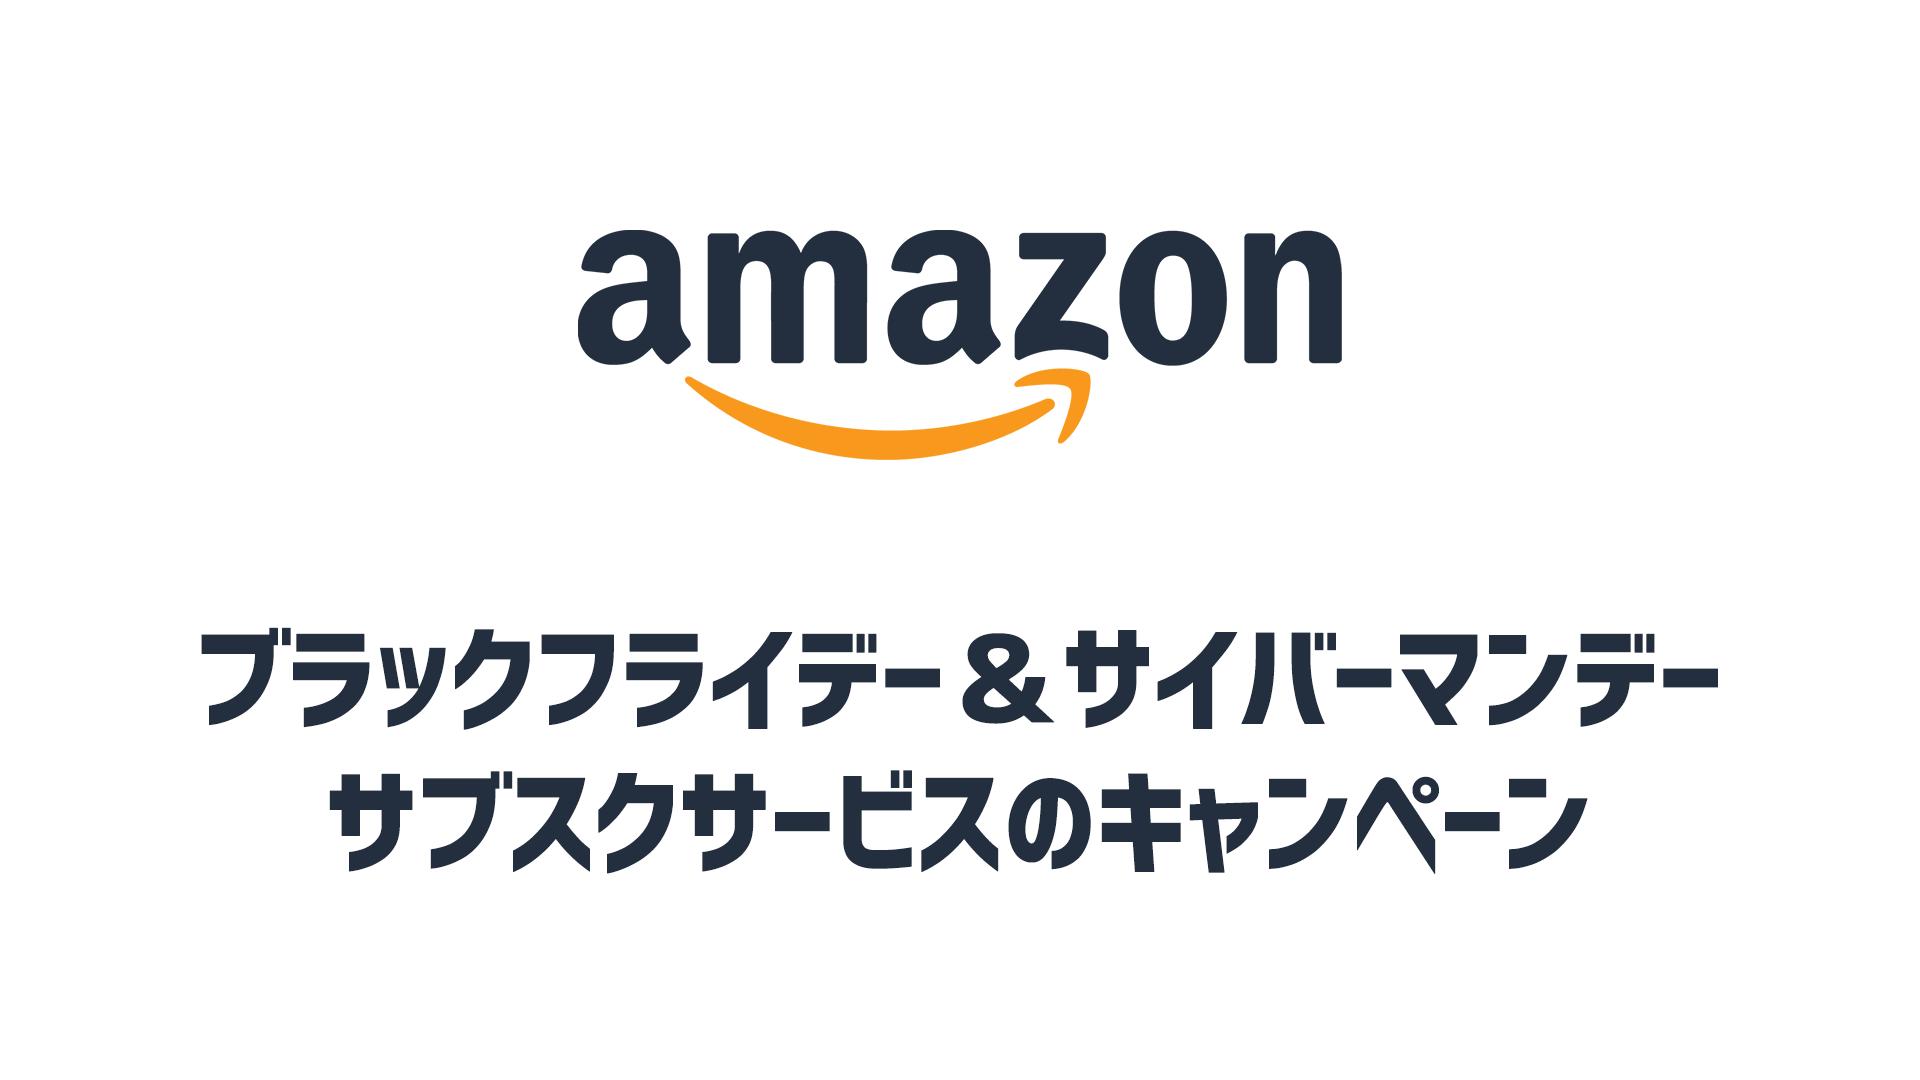 最大1.5万円以上おトク!Amazonブラックフライデー&サイバーマンデーの裏で実施中のサブスク系キャンペーン